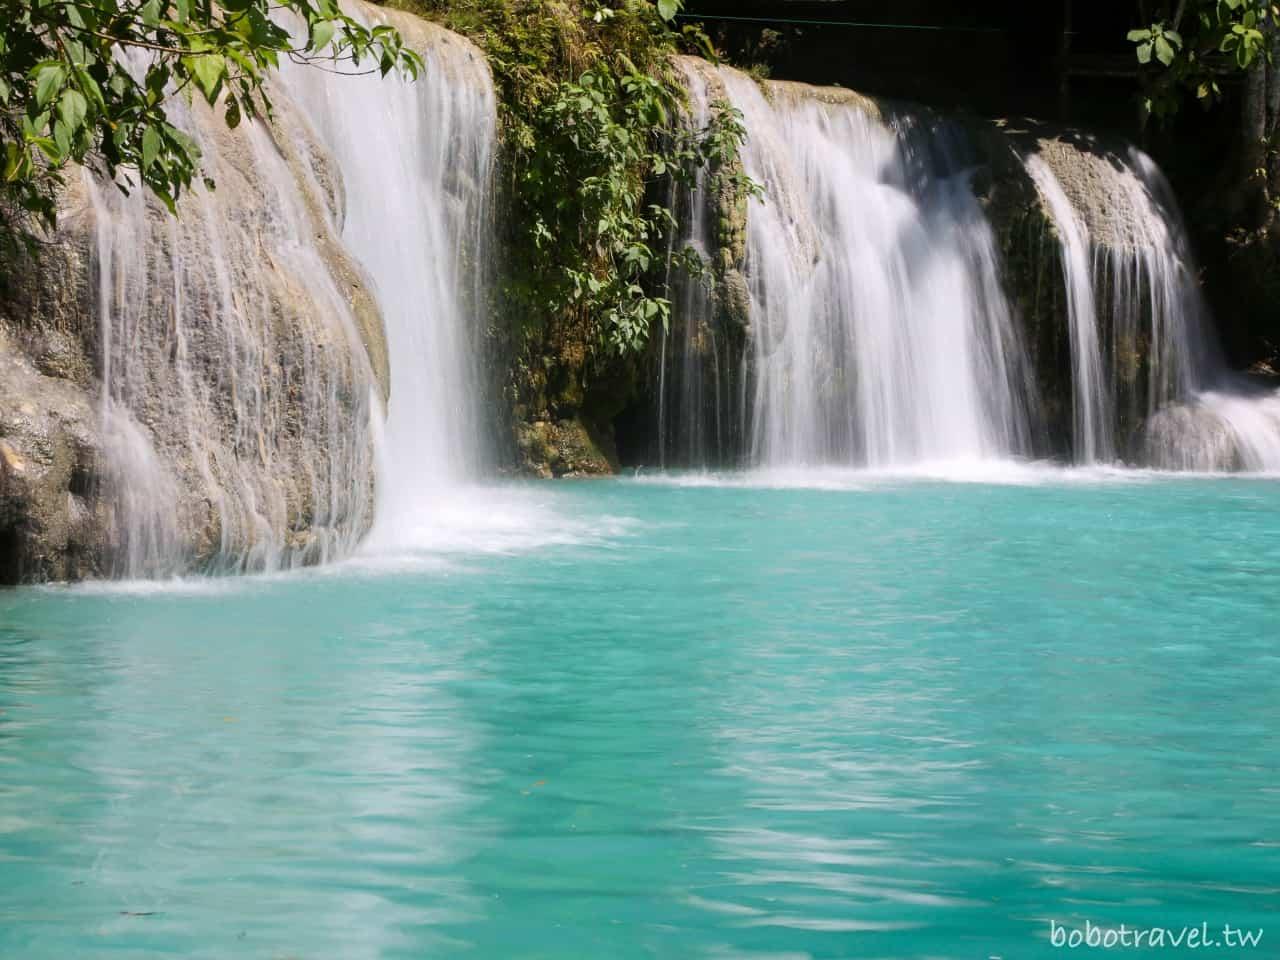 【菲律賓|錫基霍爾島 Siquijor 交通景點攻略】歡迎來到神秘巫師島!百年榕樹下來場溫泉魚spa,跳進Tiffany 藍的瀑布裡